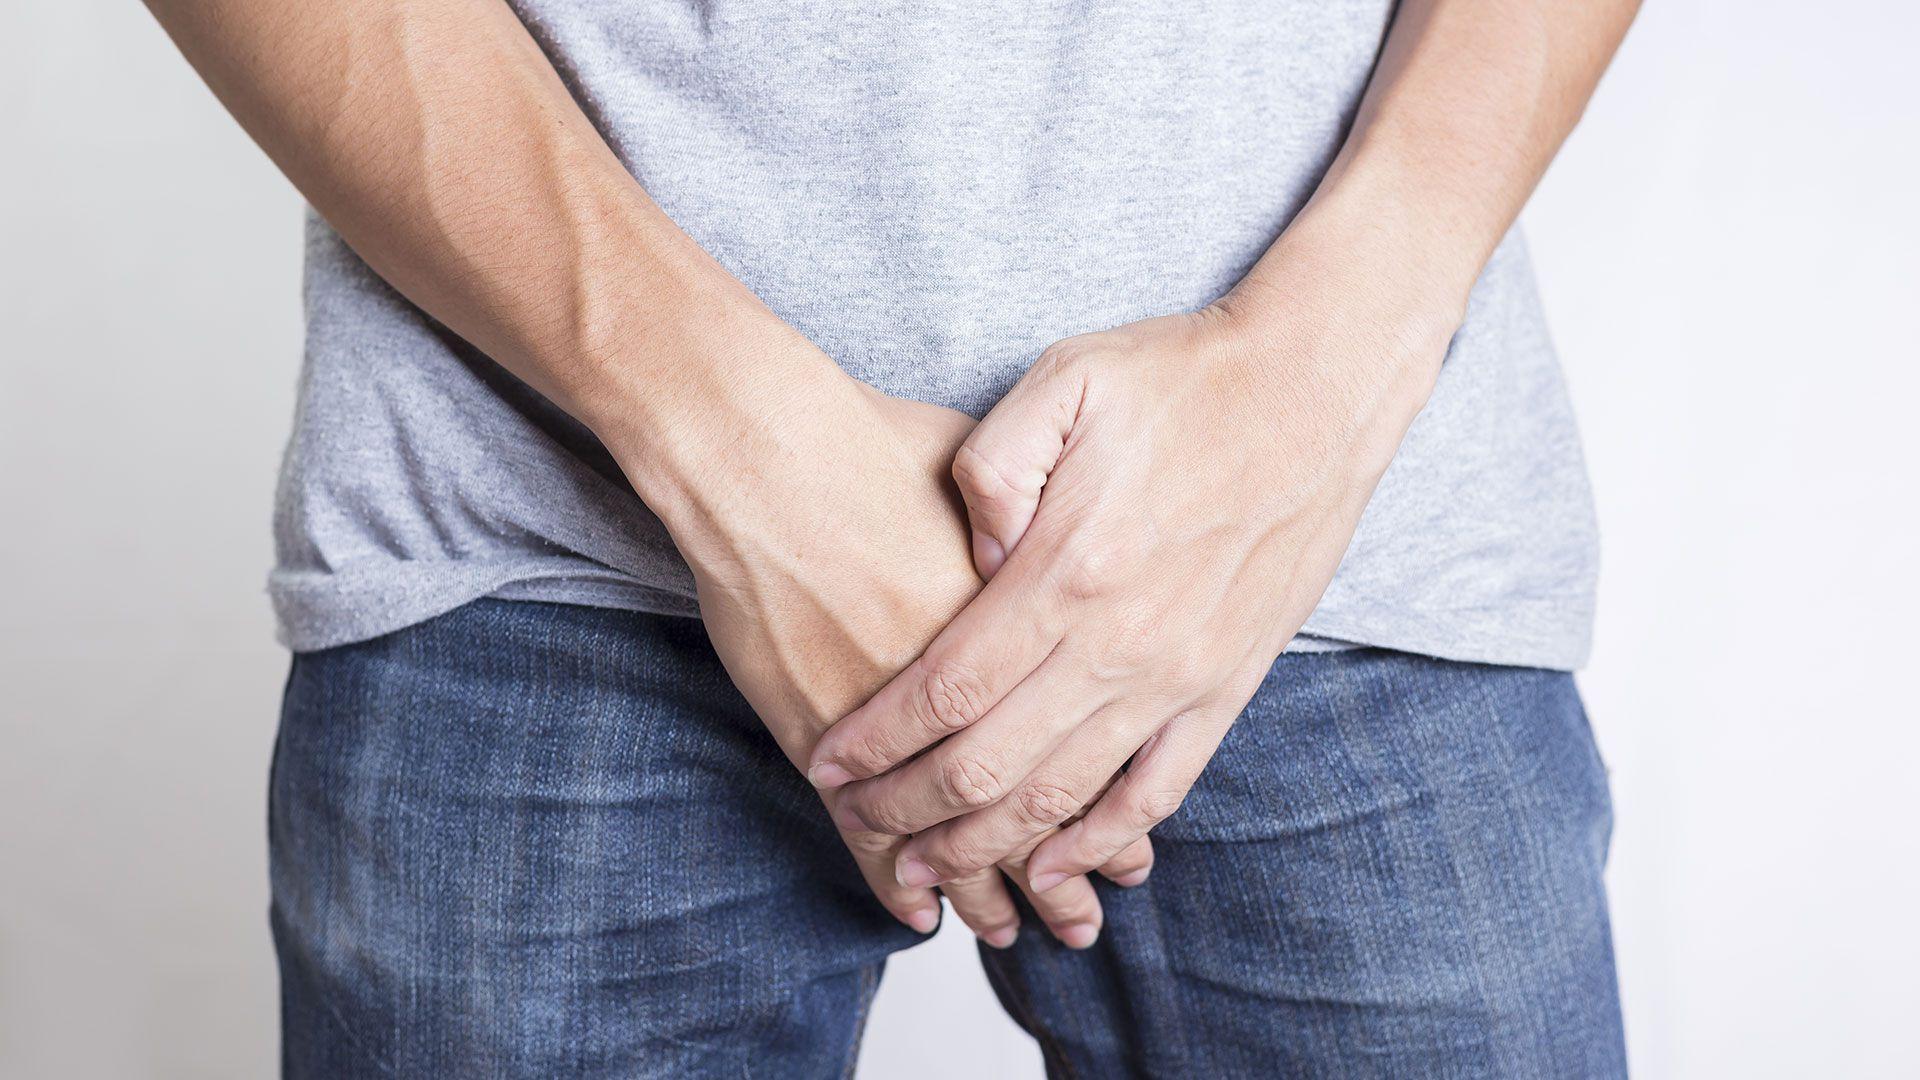 La mayoría de los pacientes con enfermedad de Peyronie también suelen presentar disfunción eréctil (Shutterstock)